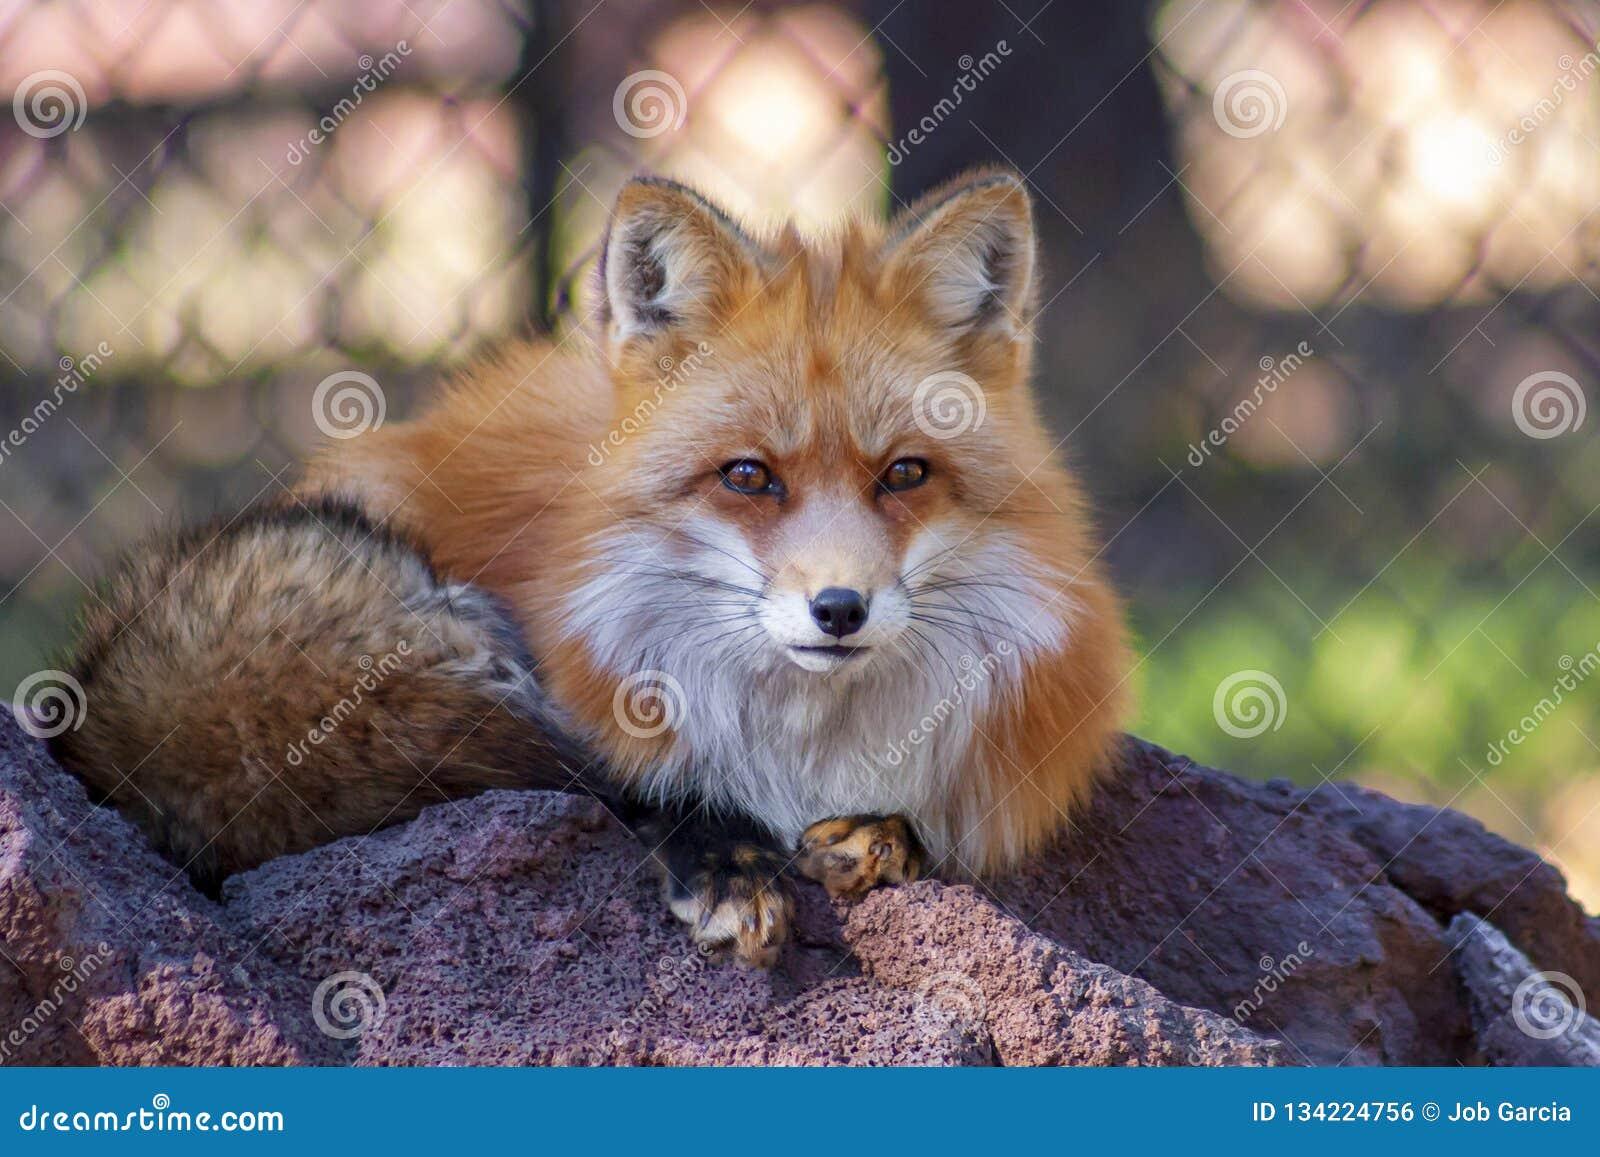 Red fox sitting o a rock